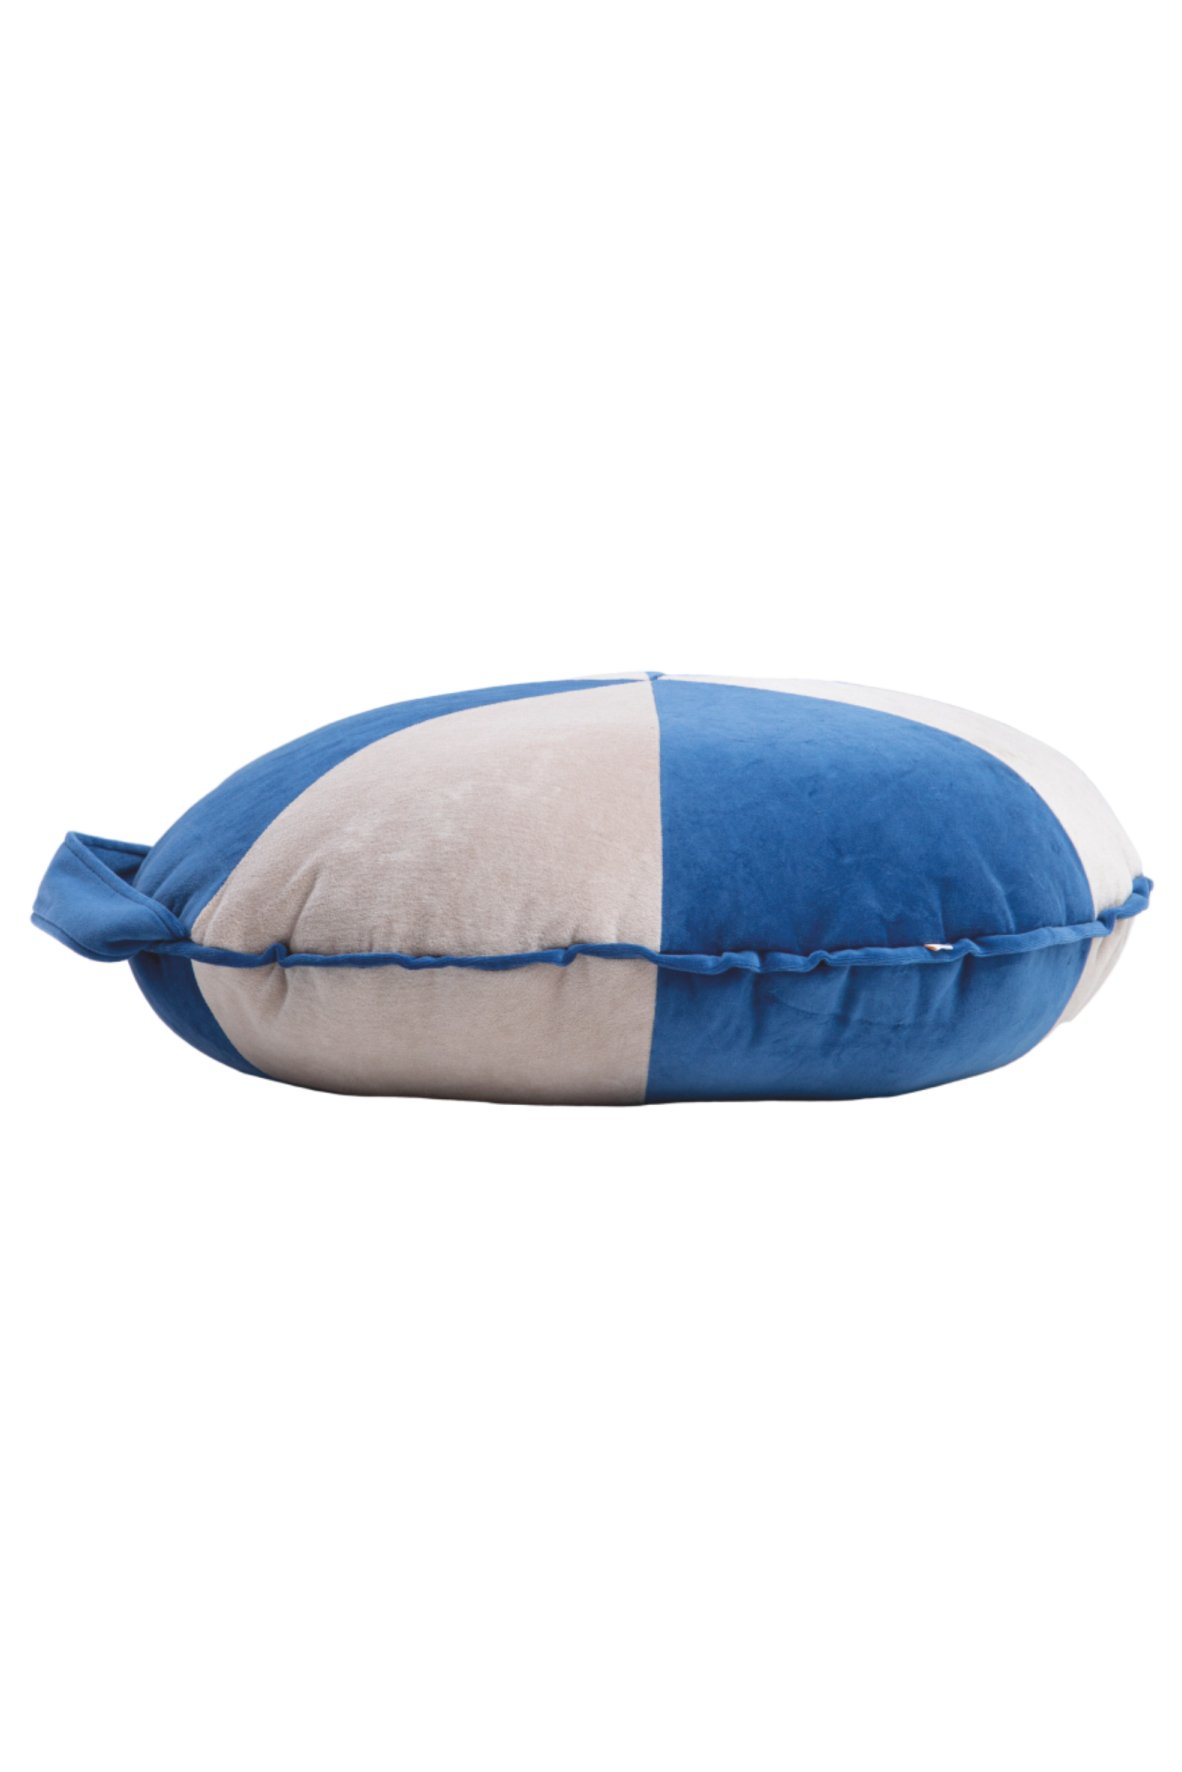 rundes Samt Sitzkissen Cookie blau puderbeige groß Ø75 x 20cm